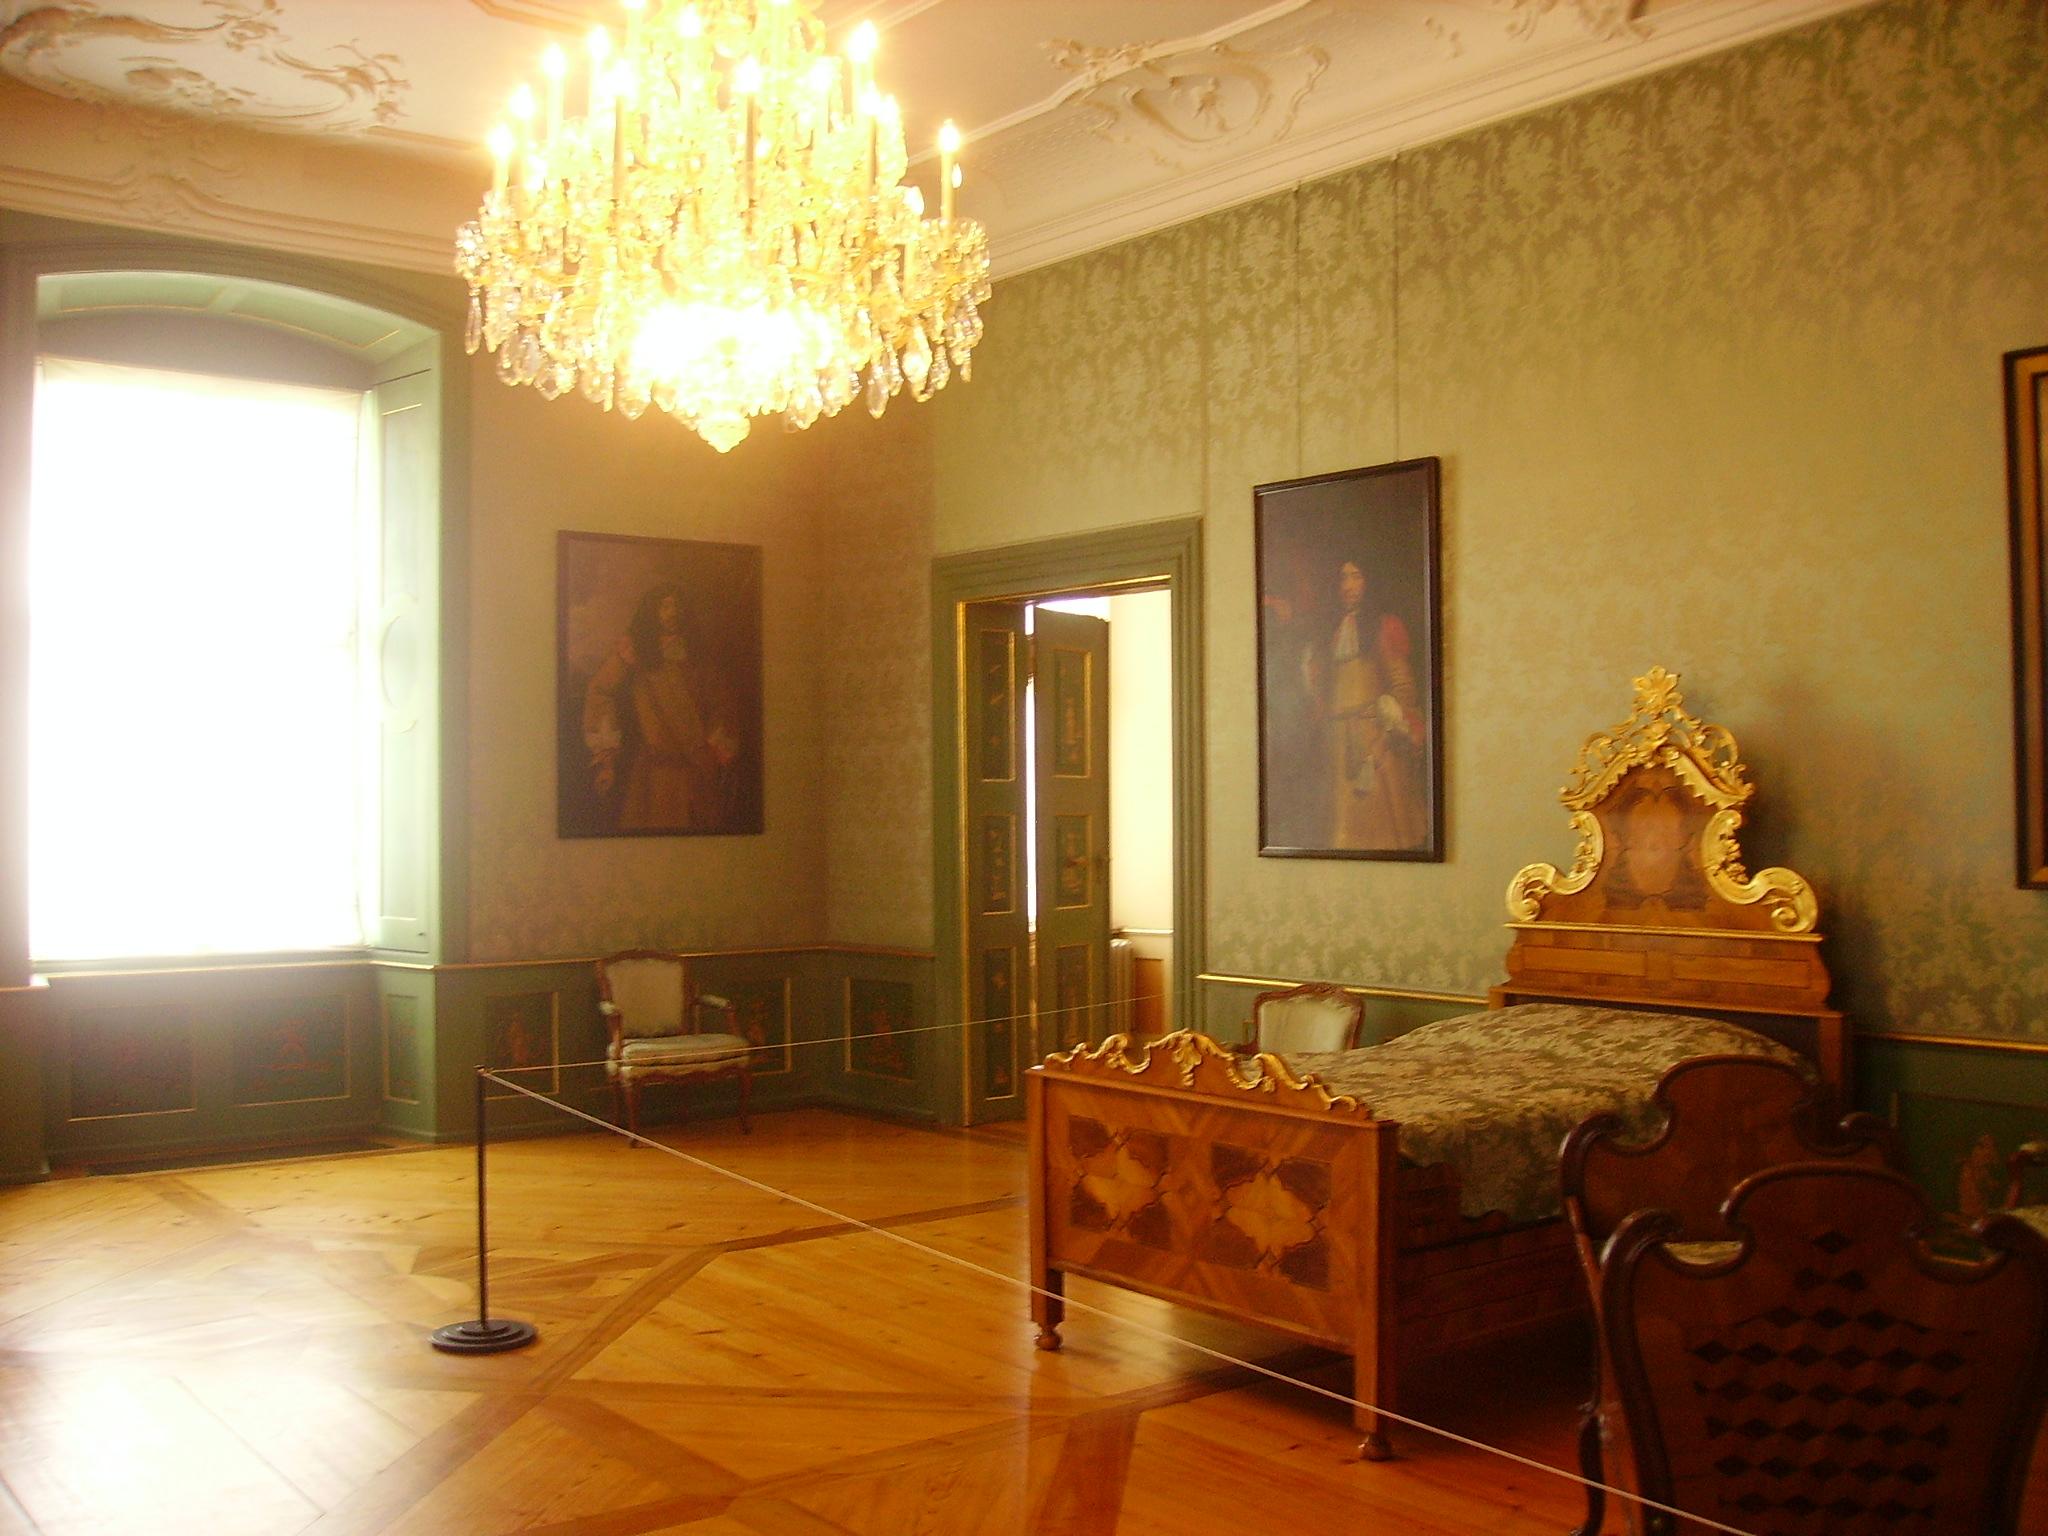 File:Tettnang Neues Schloss Innen Grünes Wohnzimmer 1.JPG ...